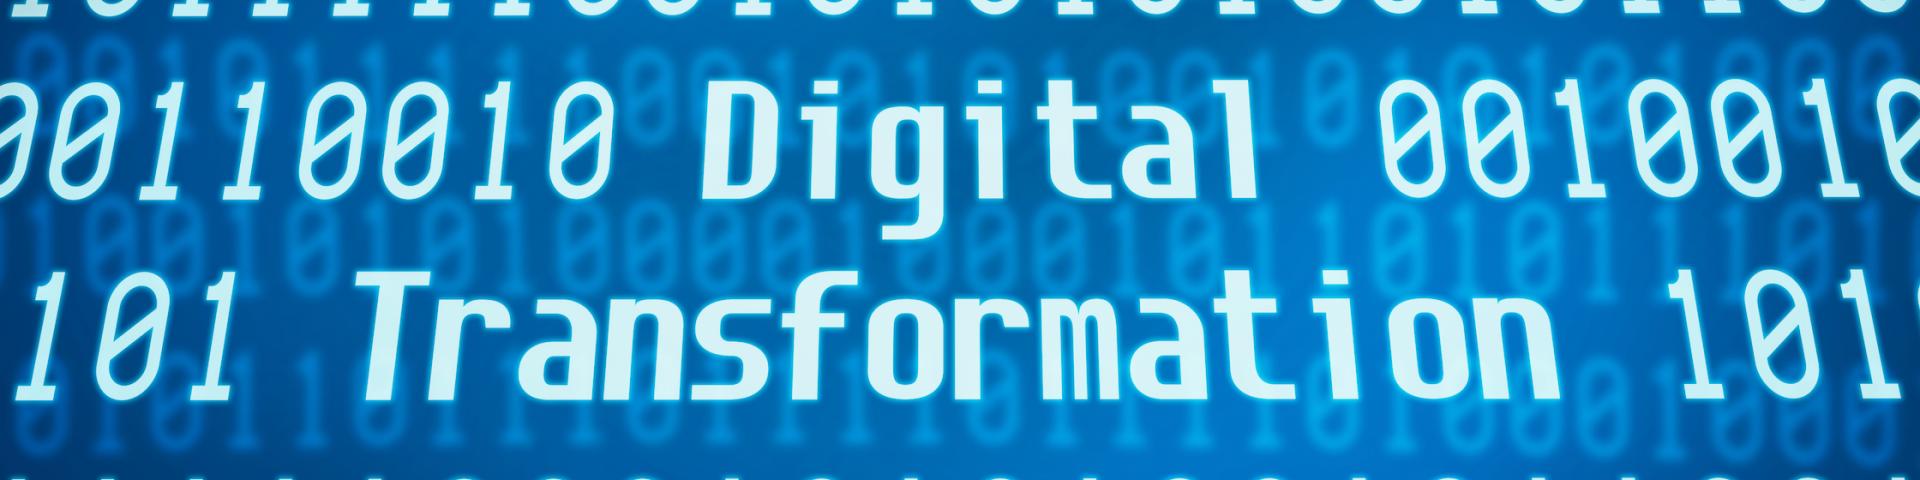 Metapher für digitale Transformation, Megatrend Digitalisierung, gute digitale Arbeit, MINDFUL BWL freie Betriebswirte, systemisch, innovativ, substantiell, digital transformation, megatrend digitalisation